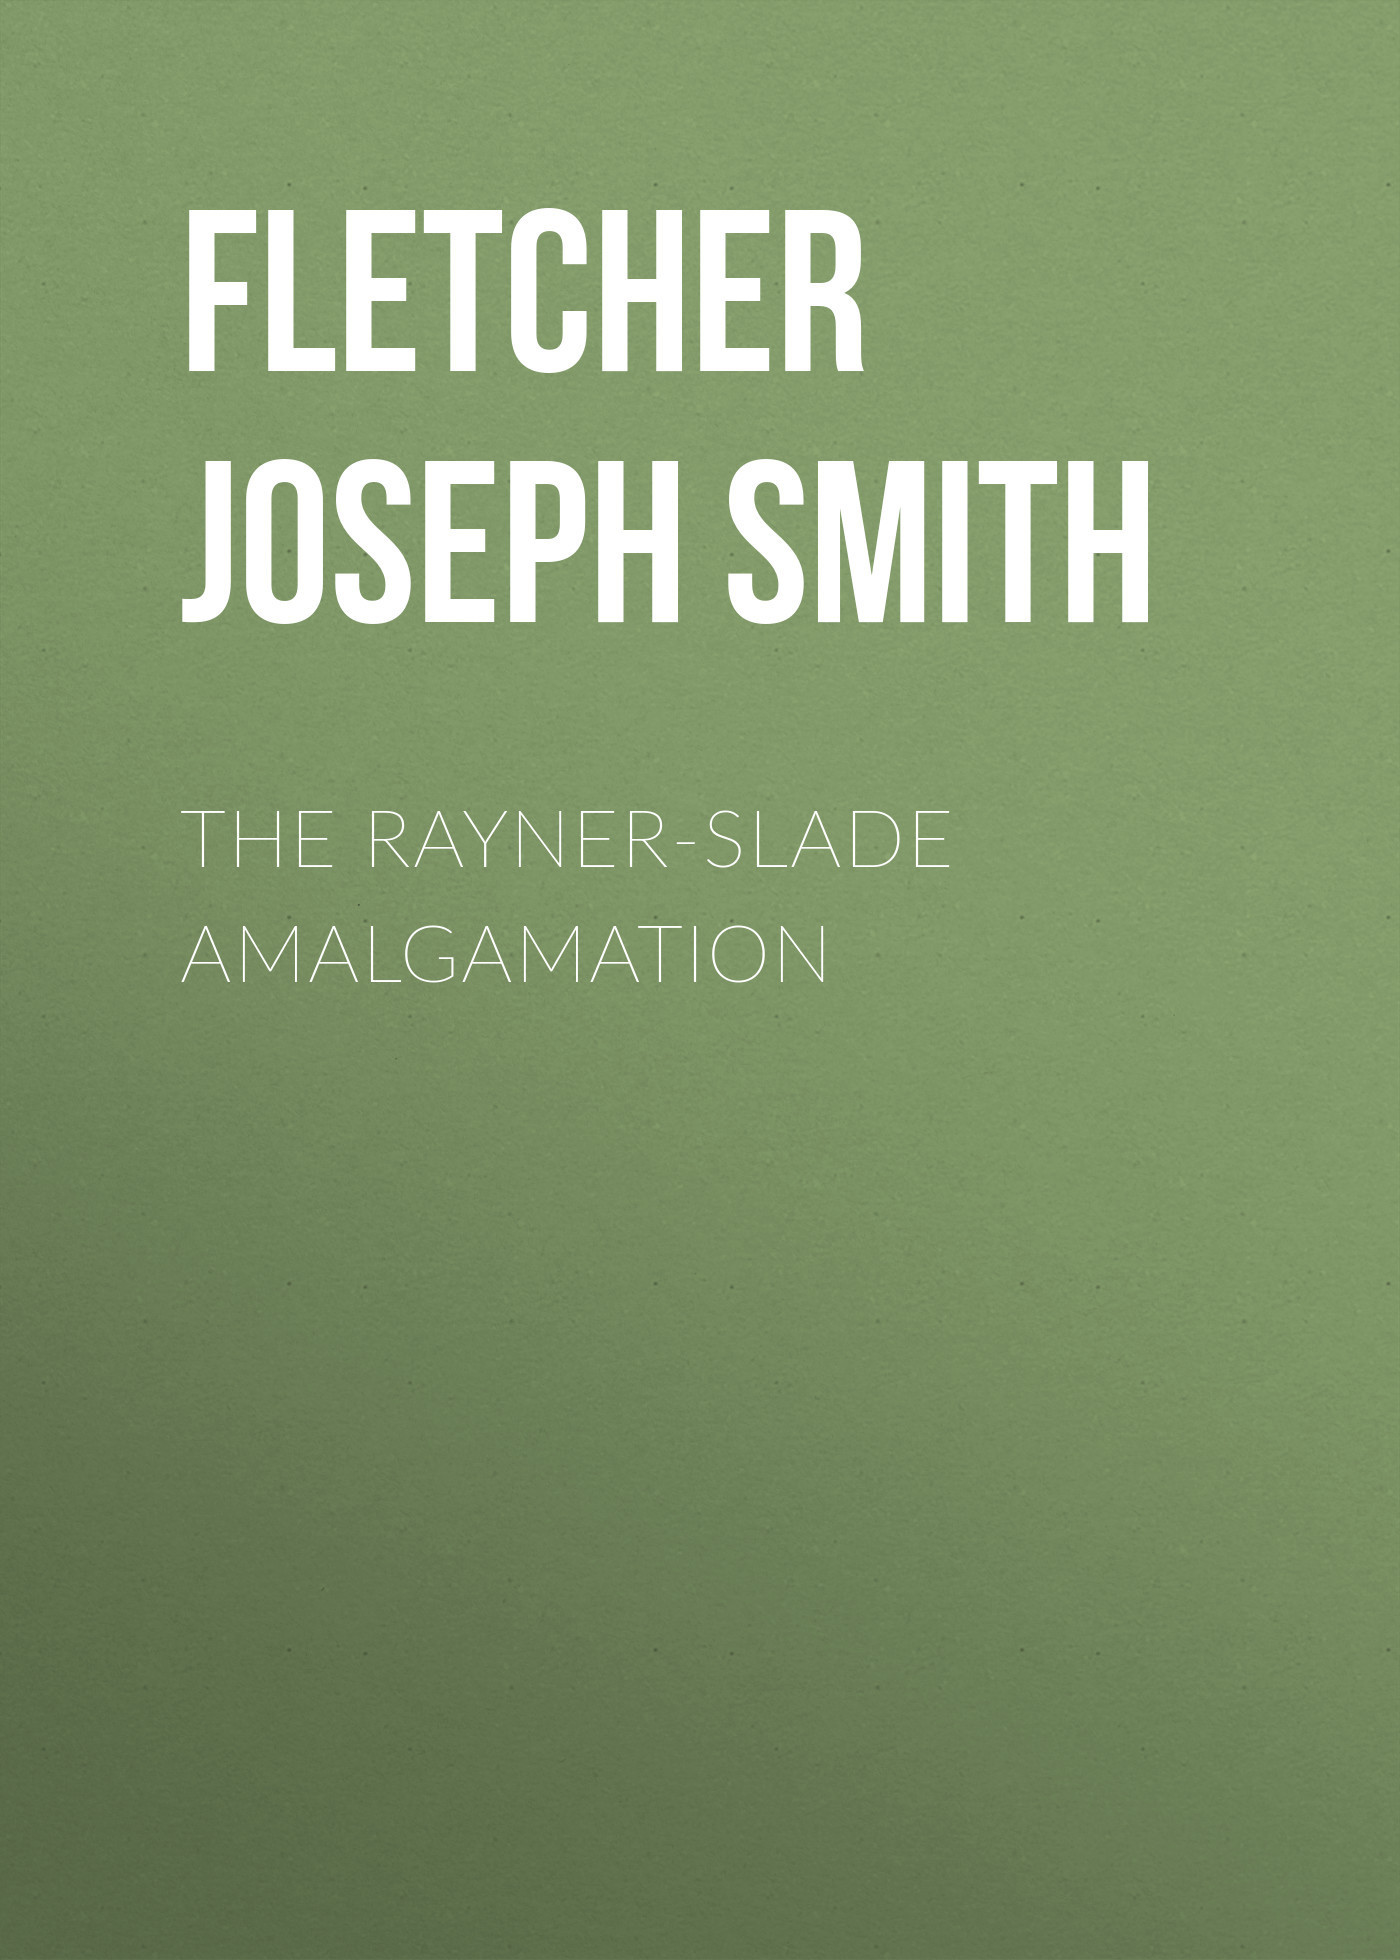 Fletcher Joseph Smith The Rayner-Slade Amalgamation slade house